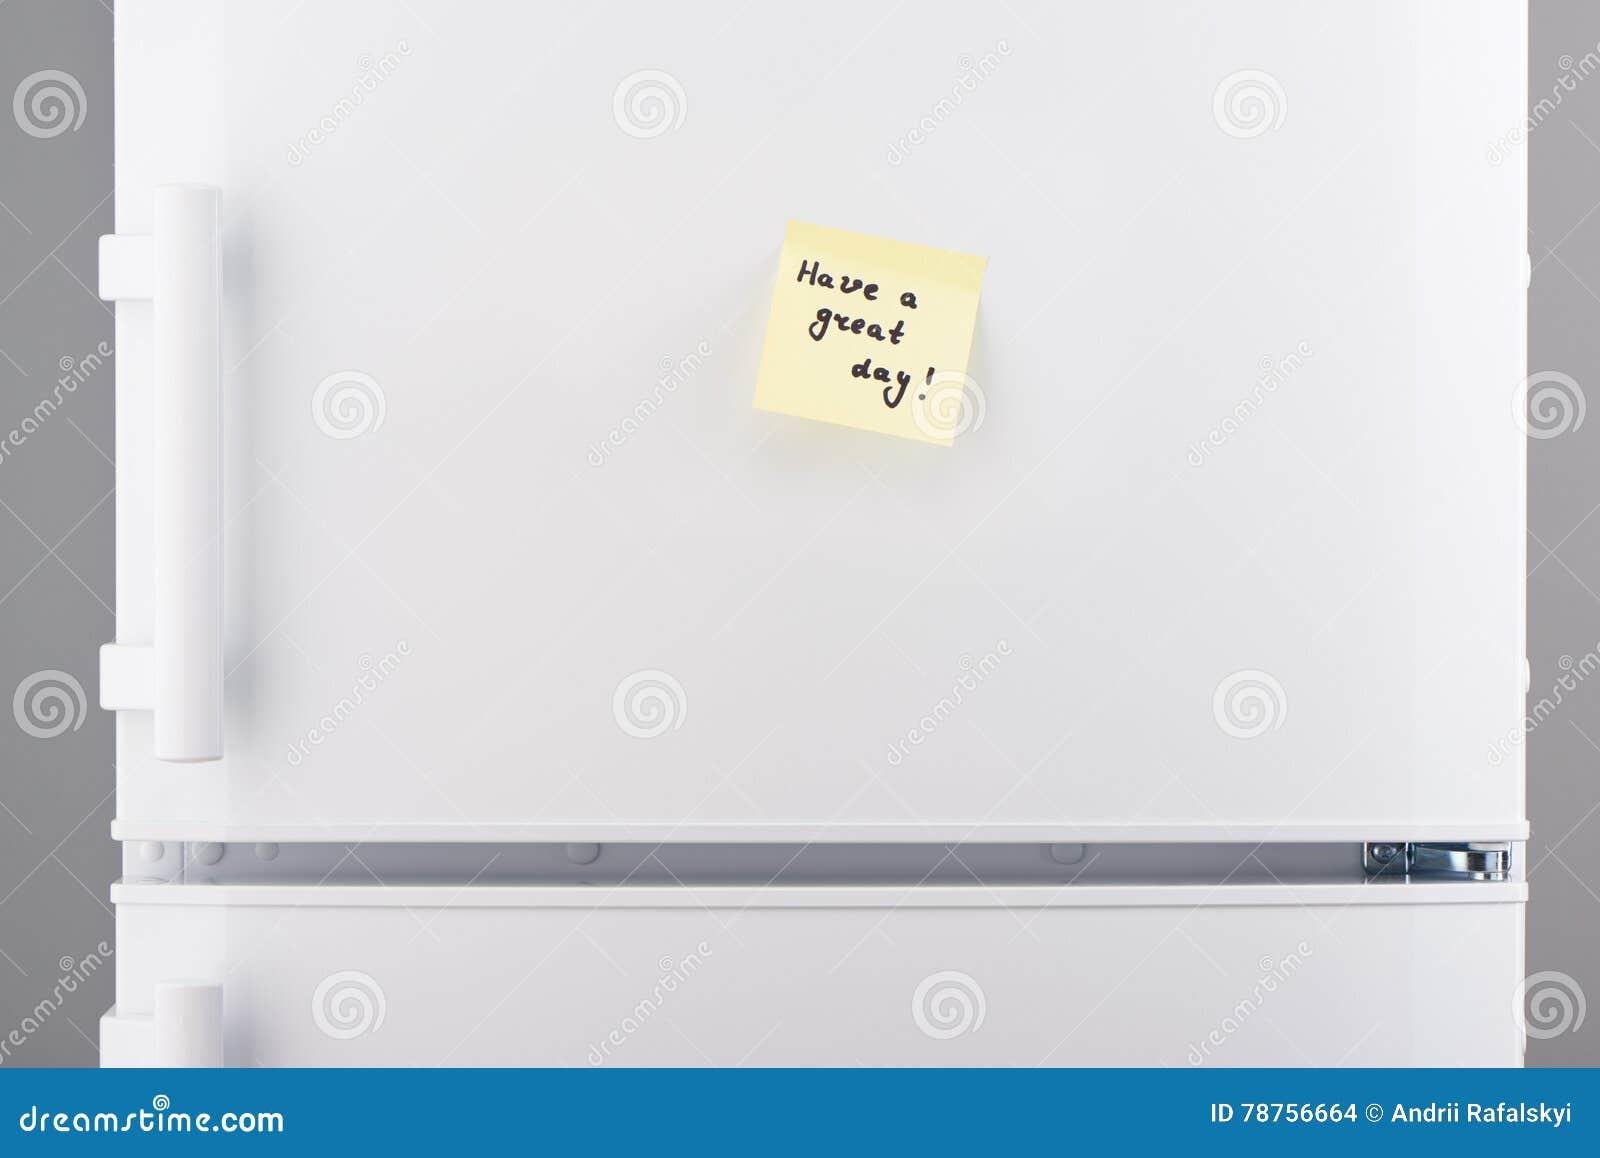 Abbia una grande nota del giorno su carta appiccicosa giallo-chiaro